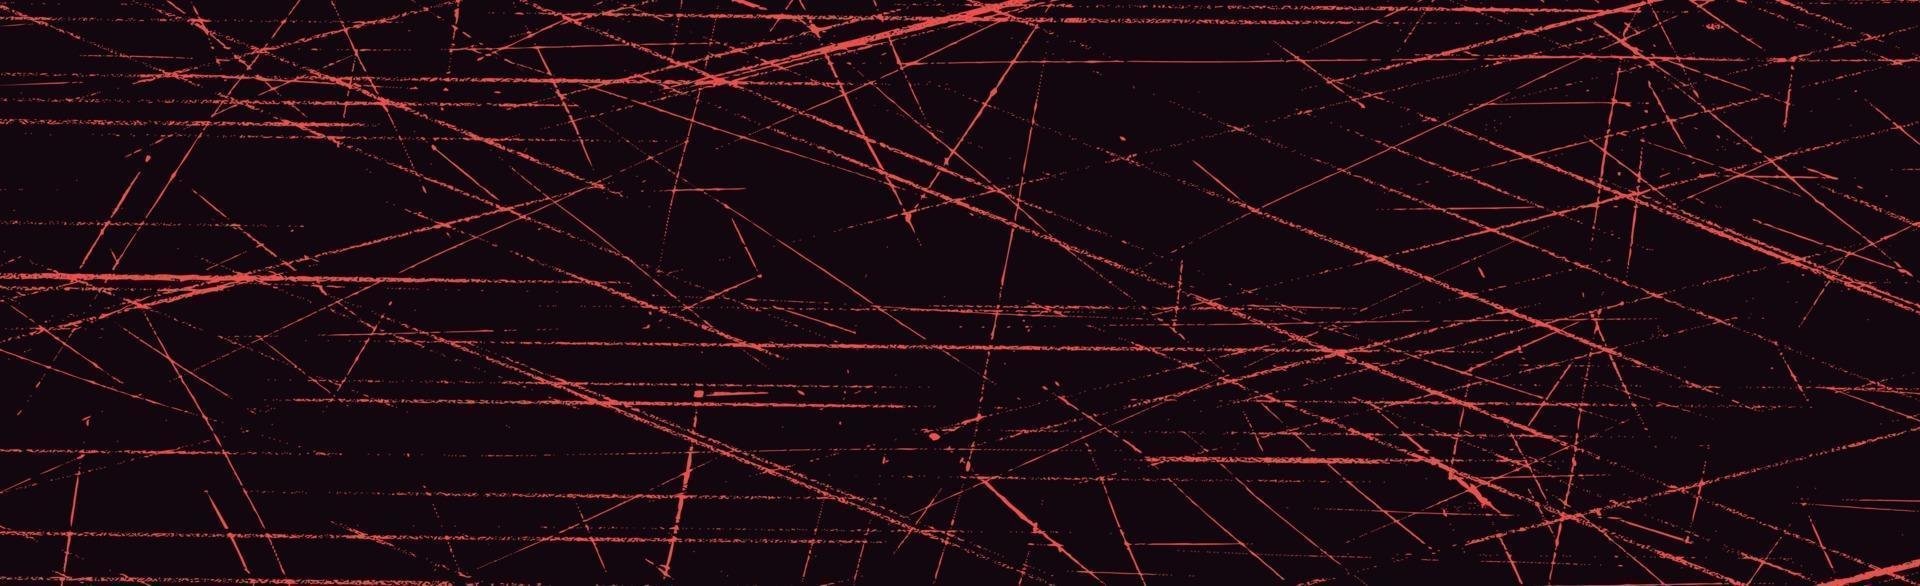 grunge linee bianche e punti su sfondo nero - illustrazione vettoriale